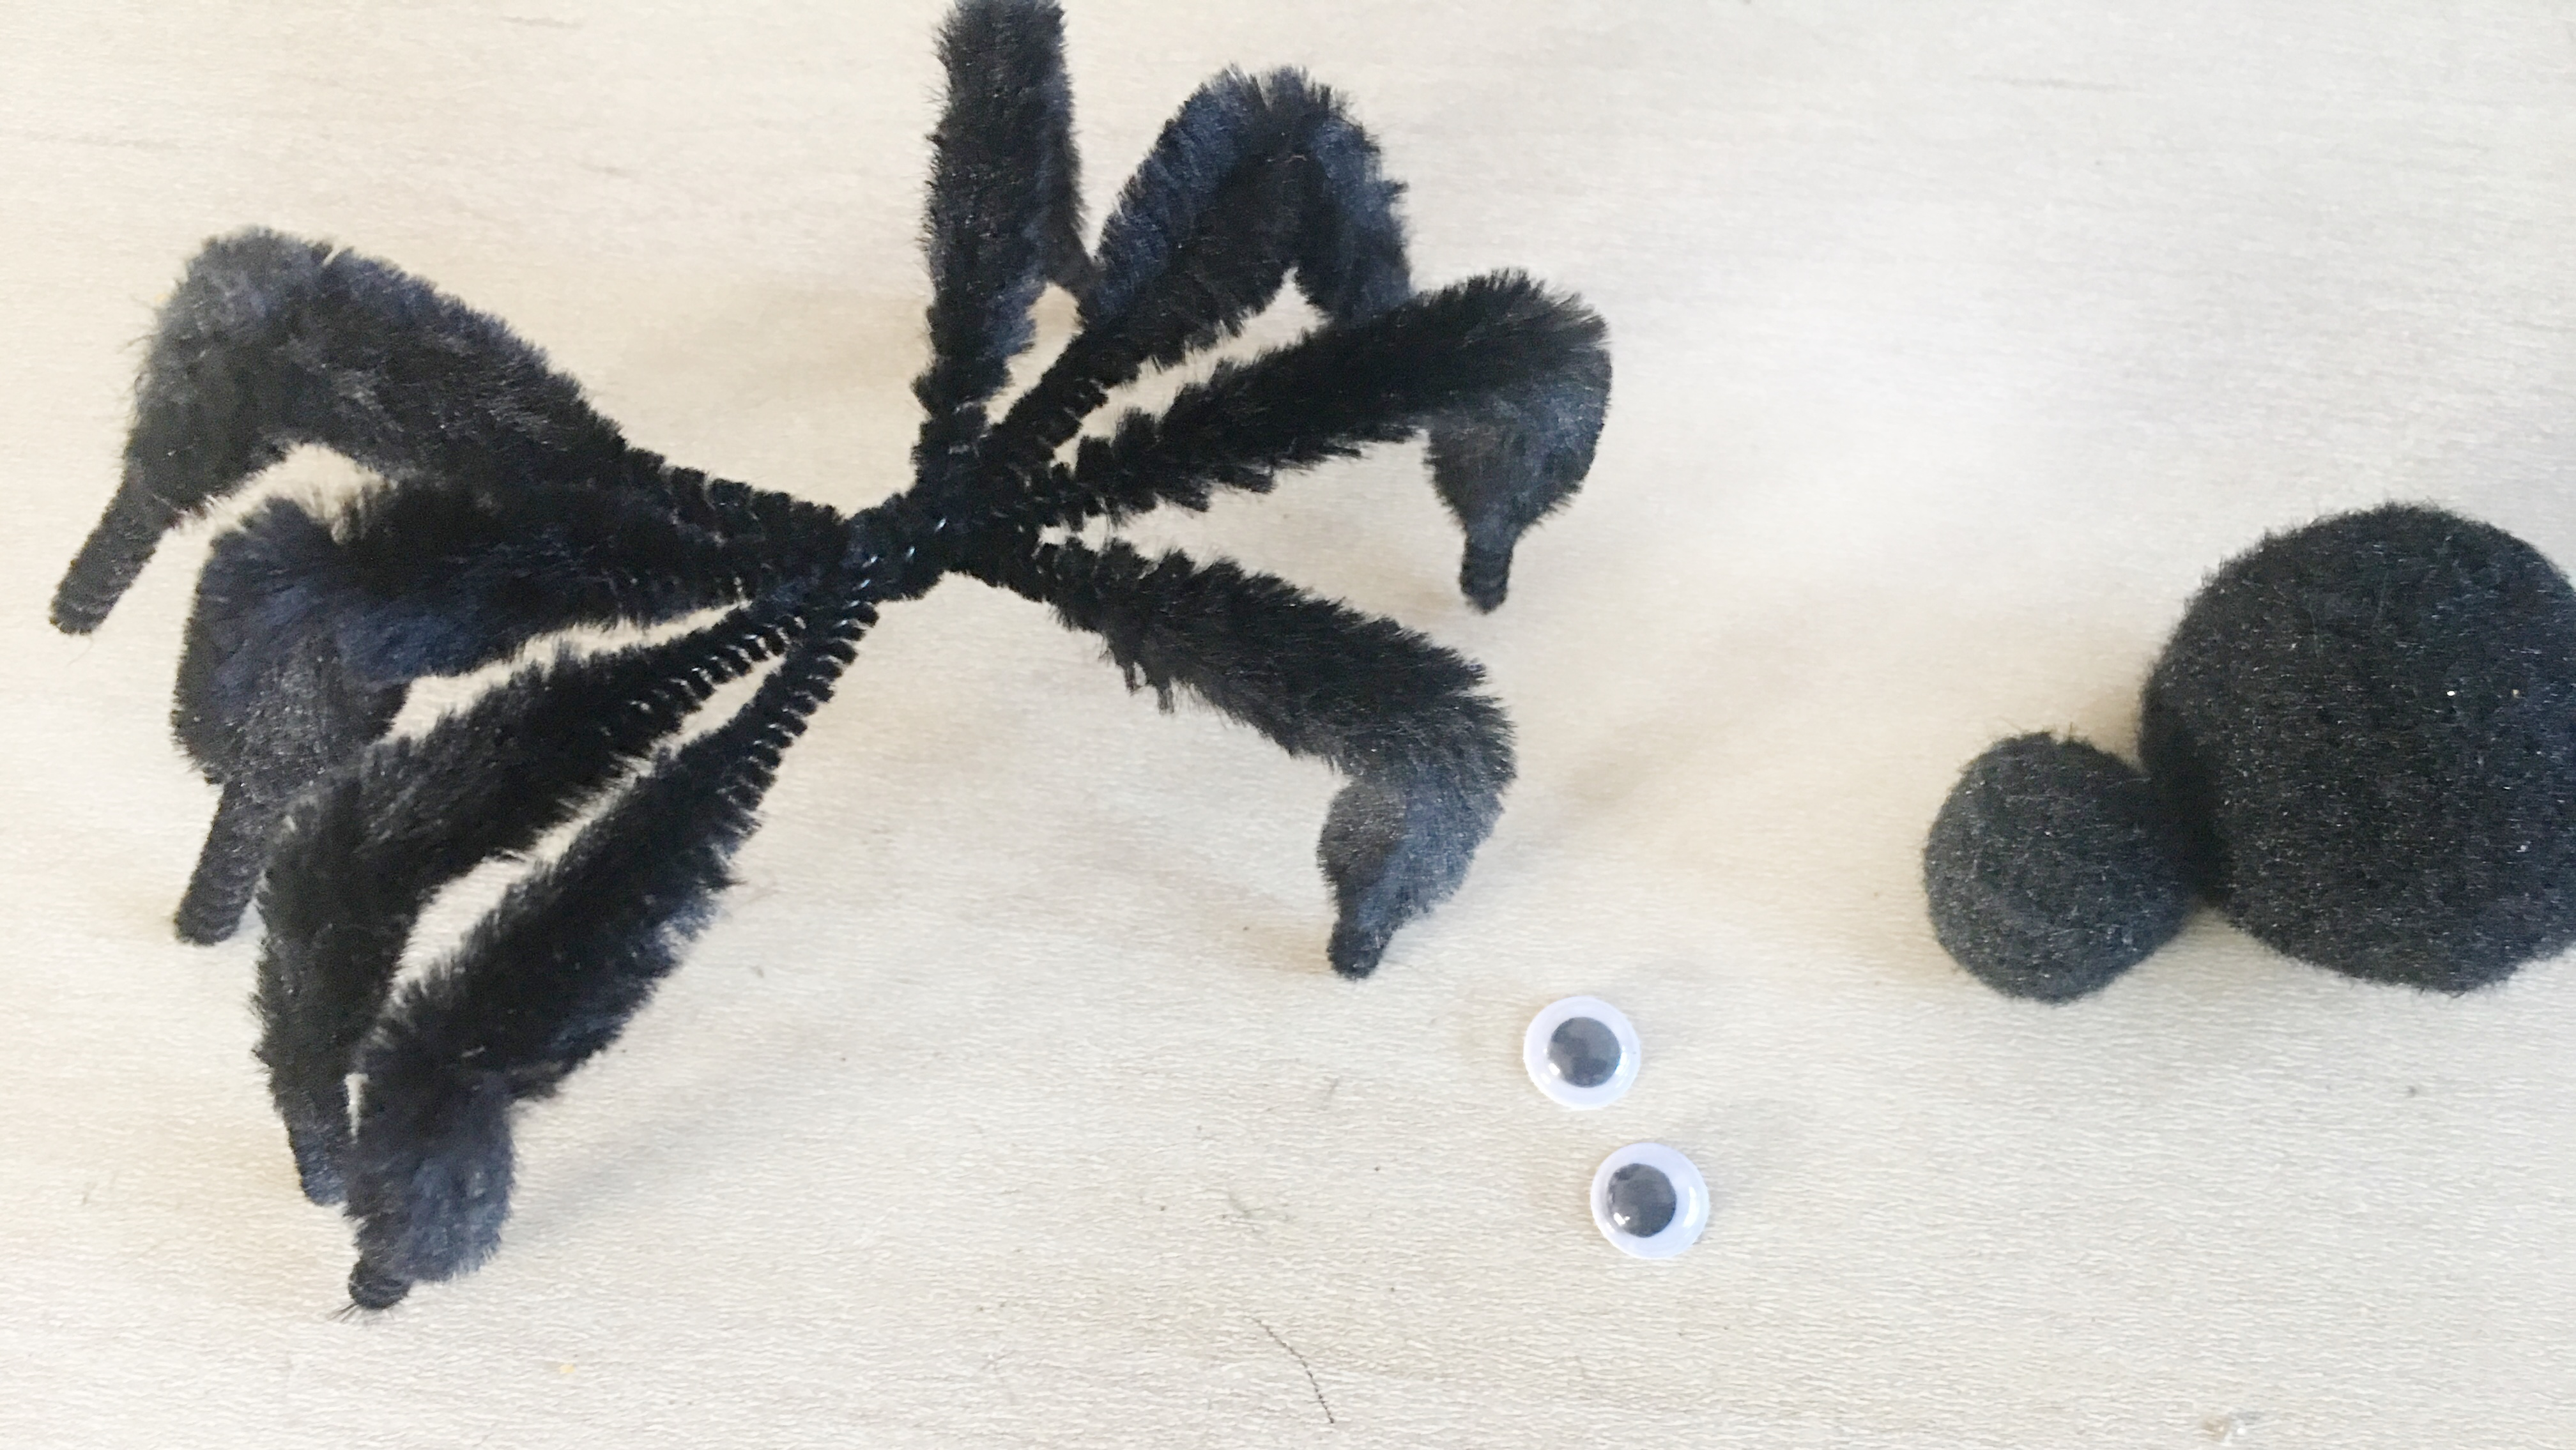 Deka-Spinnen aus Chenille-Drähten